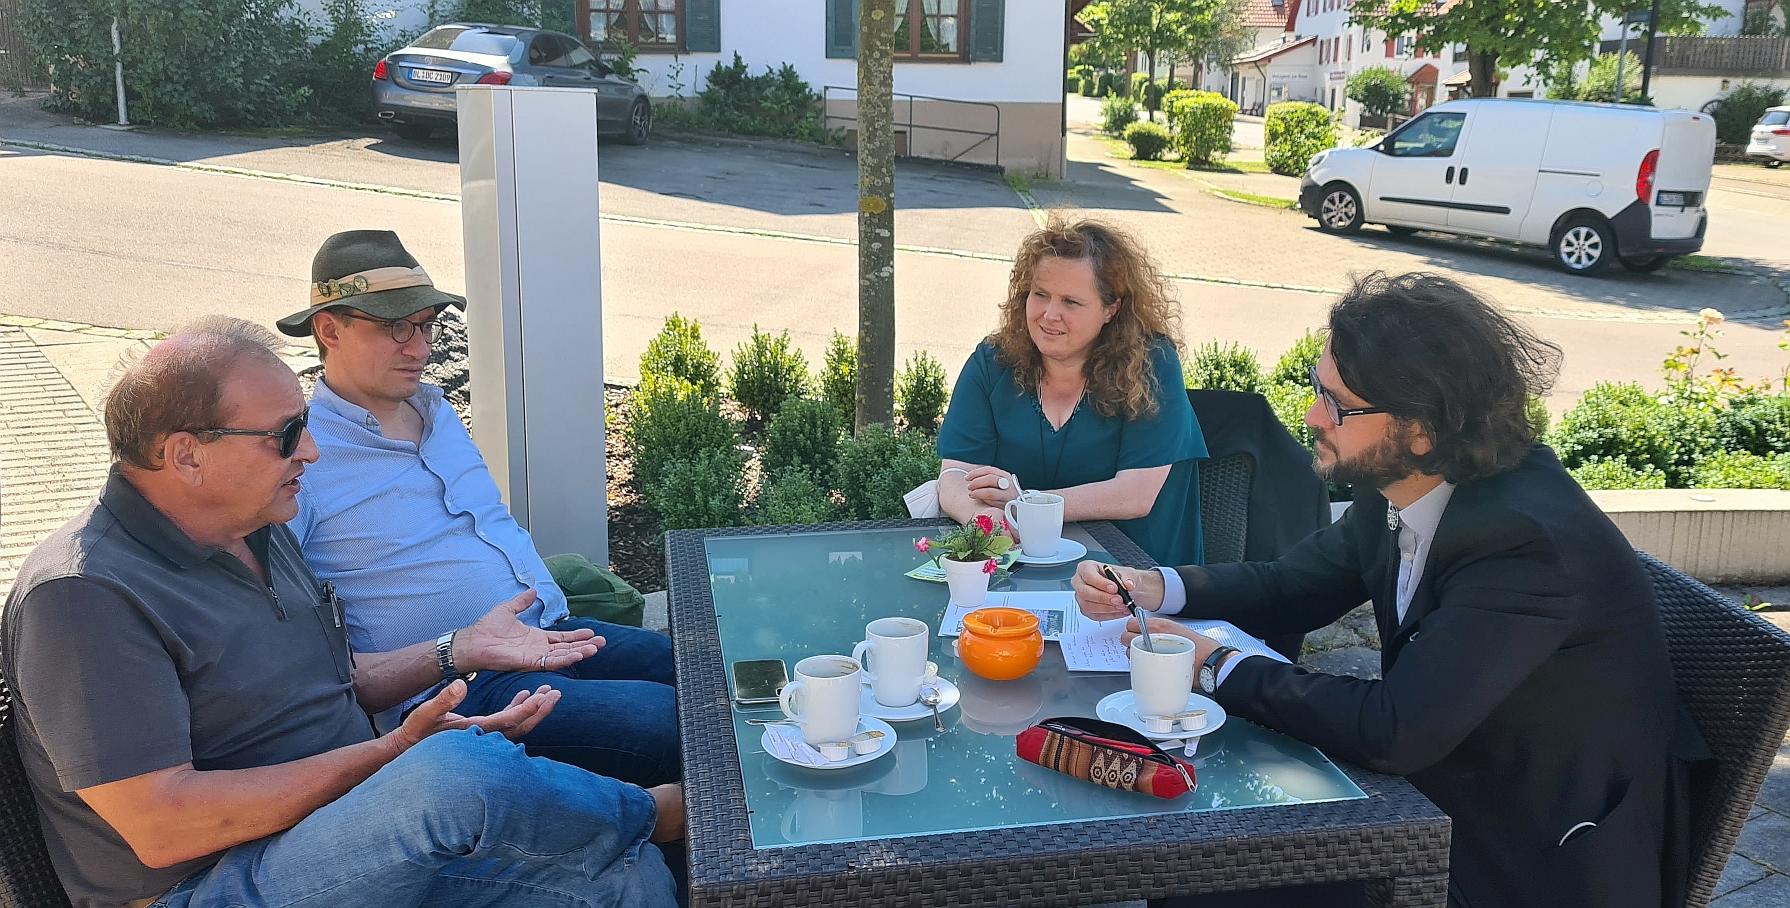 Wolfgang Wochner, Georg v. Cotta, Marion Maier und Johannes Kretschmann (v.l.n.r.) bei der Meisterbäckerei Milles in Dotternhausen